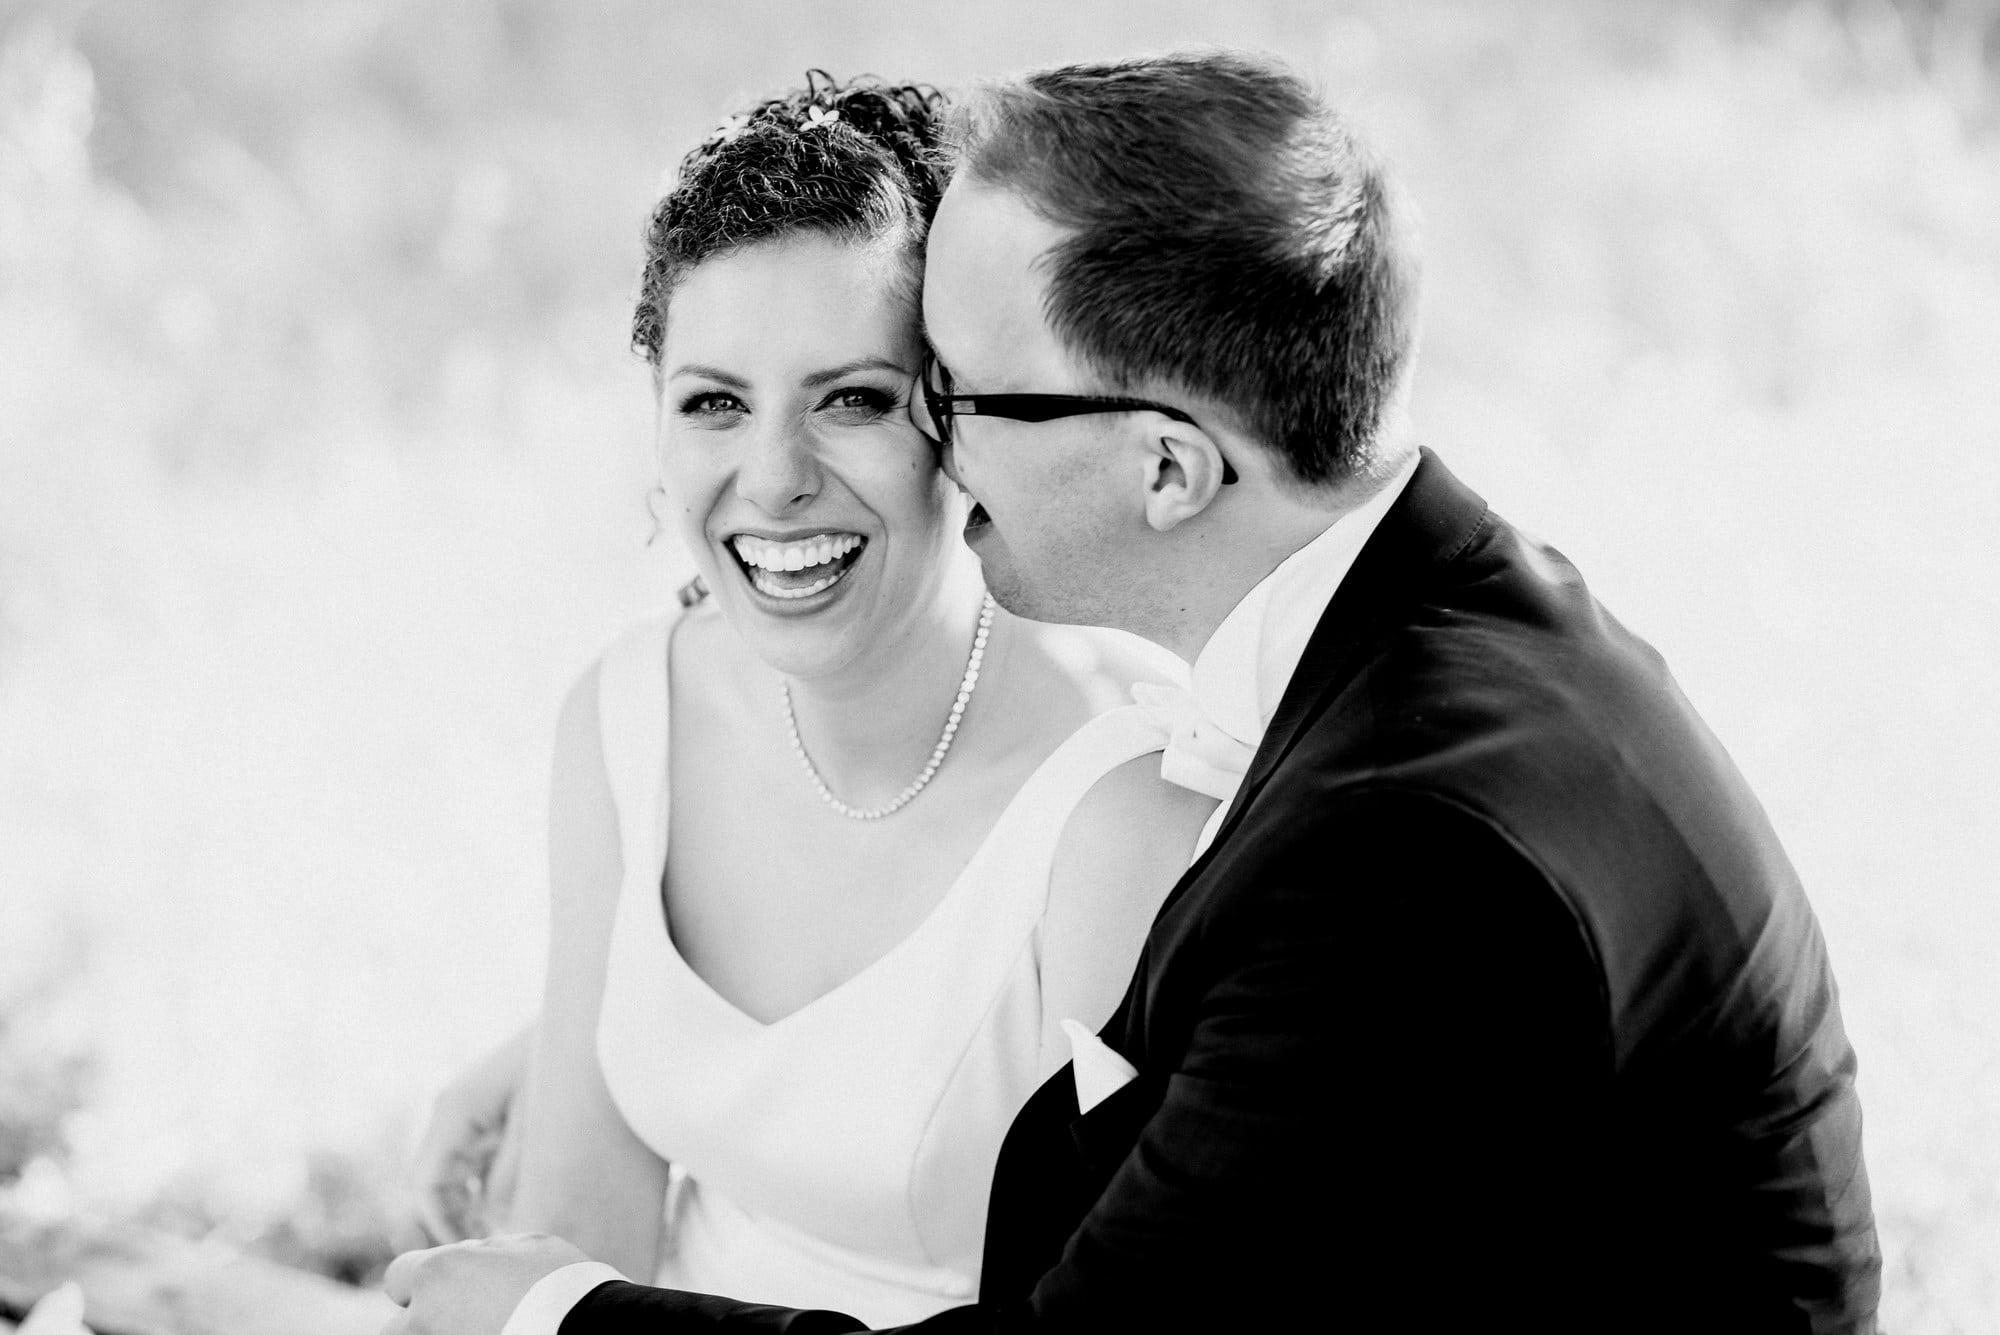 Braut Bräutigam Halskette lachen Fotoshooting